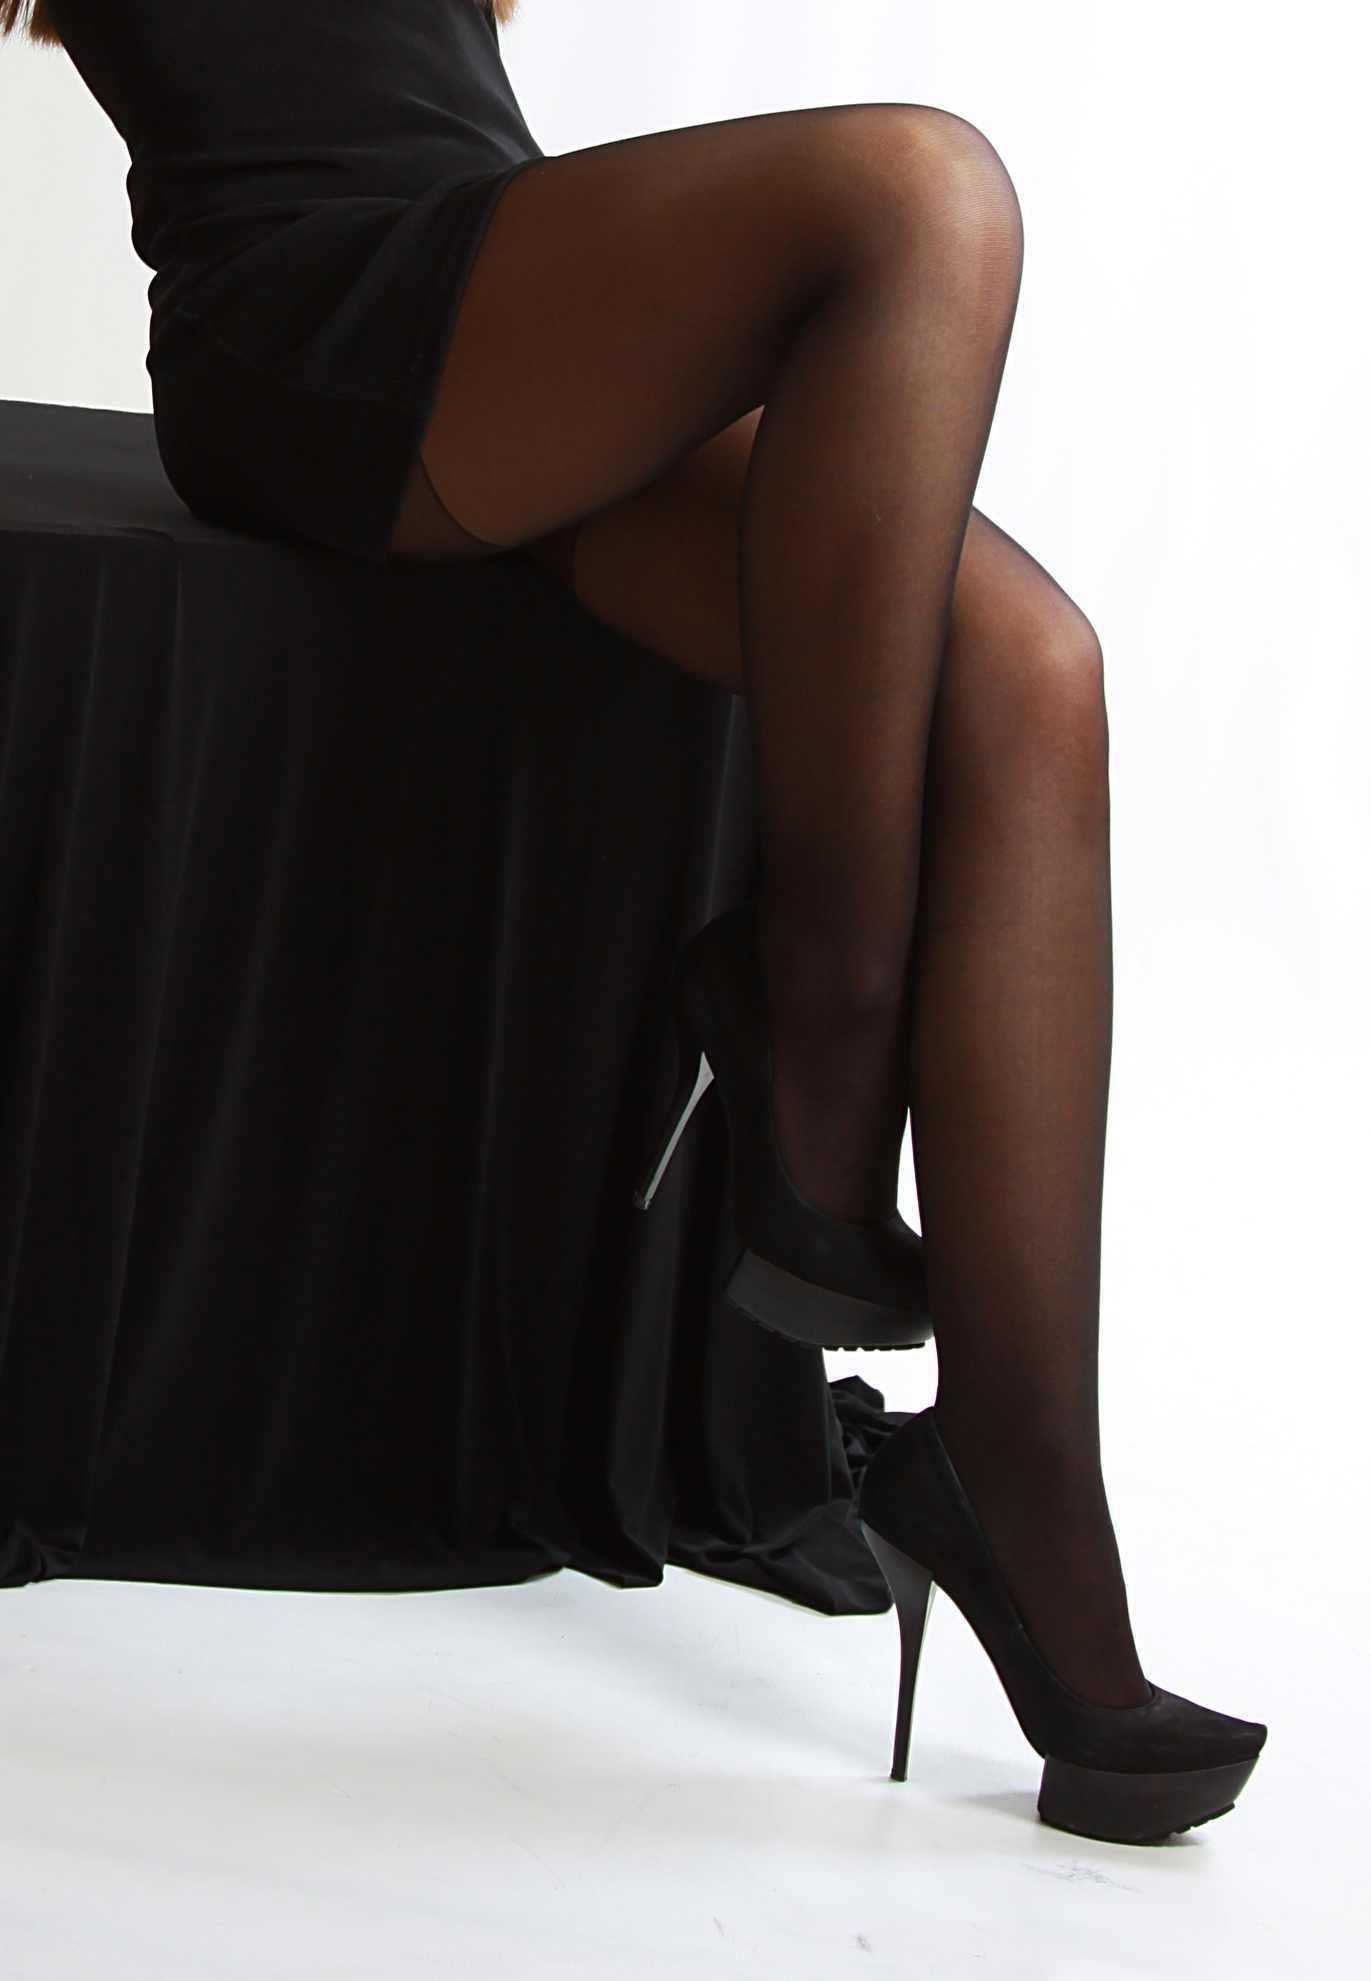 Секси ножки в чулочка фото 49-179